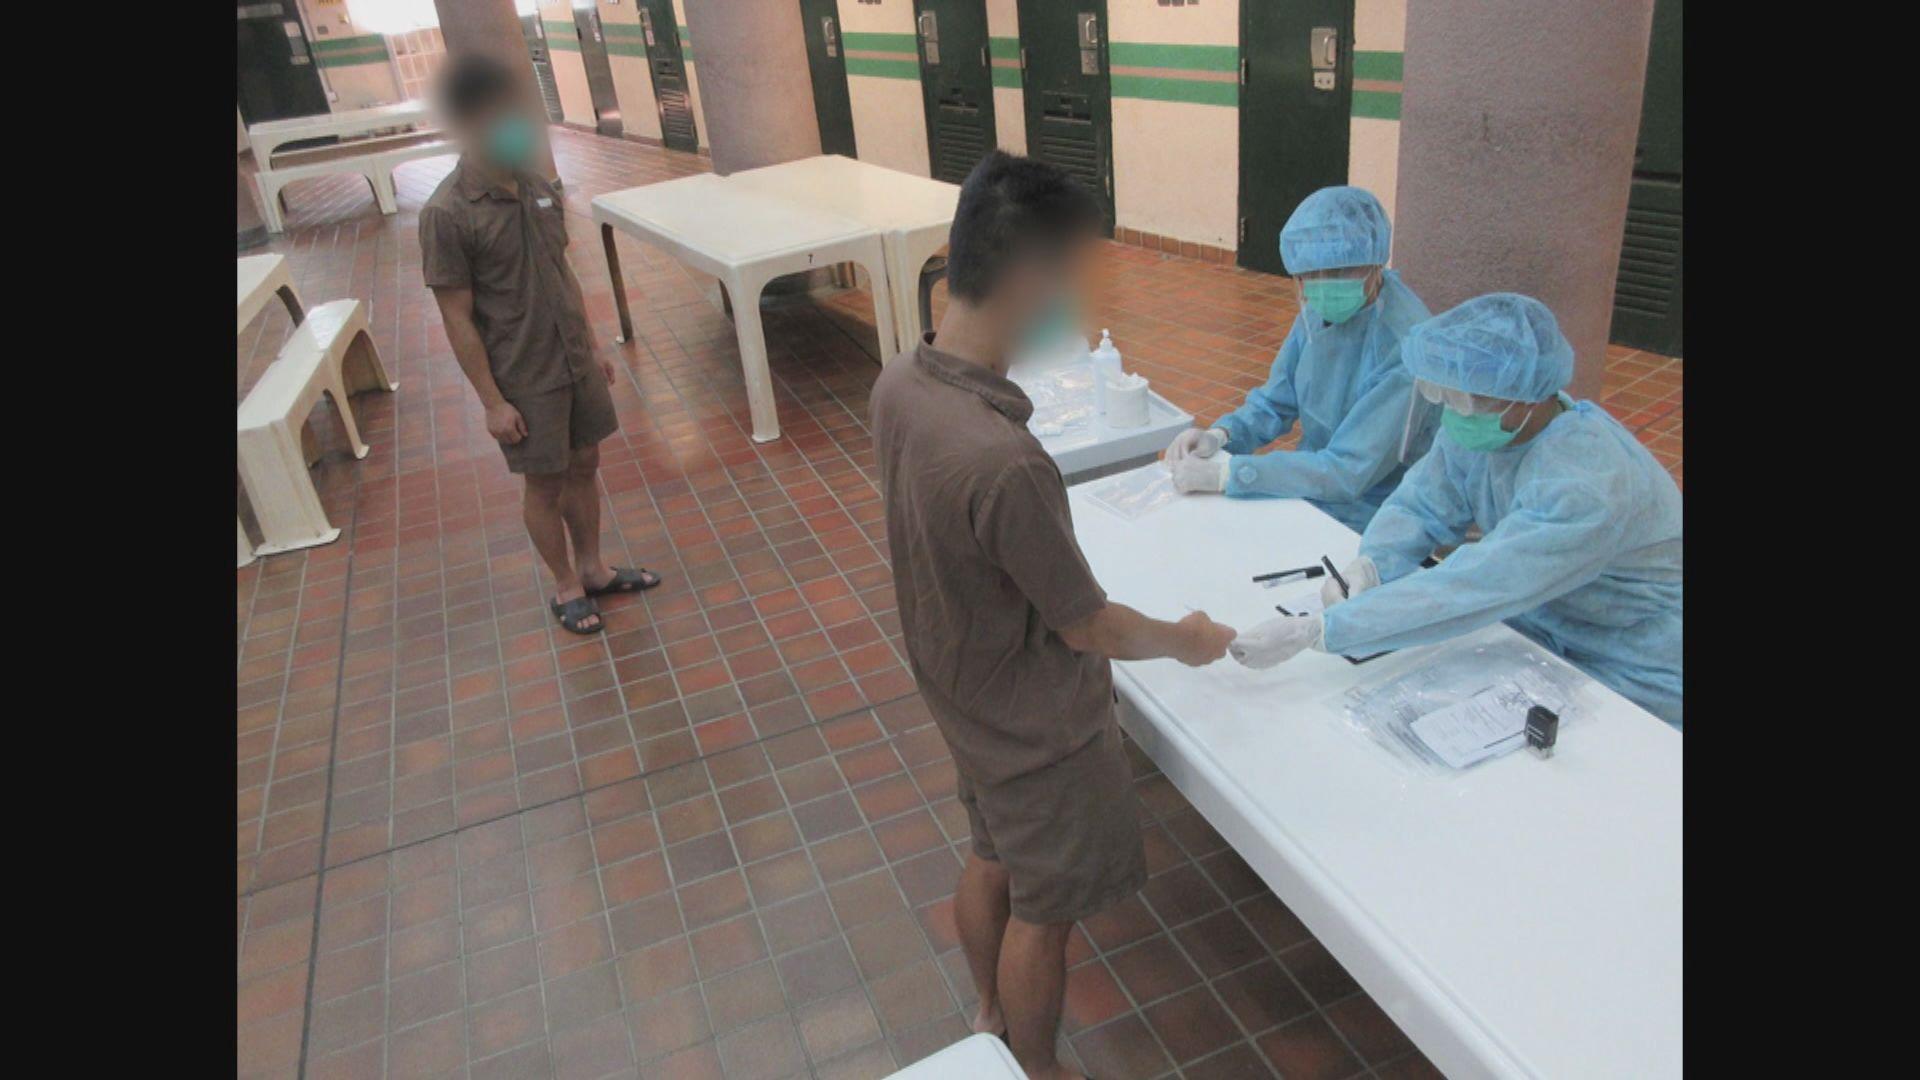 約7000名在囚人士新冠病毒測試陰性 5人拒交樣本